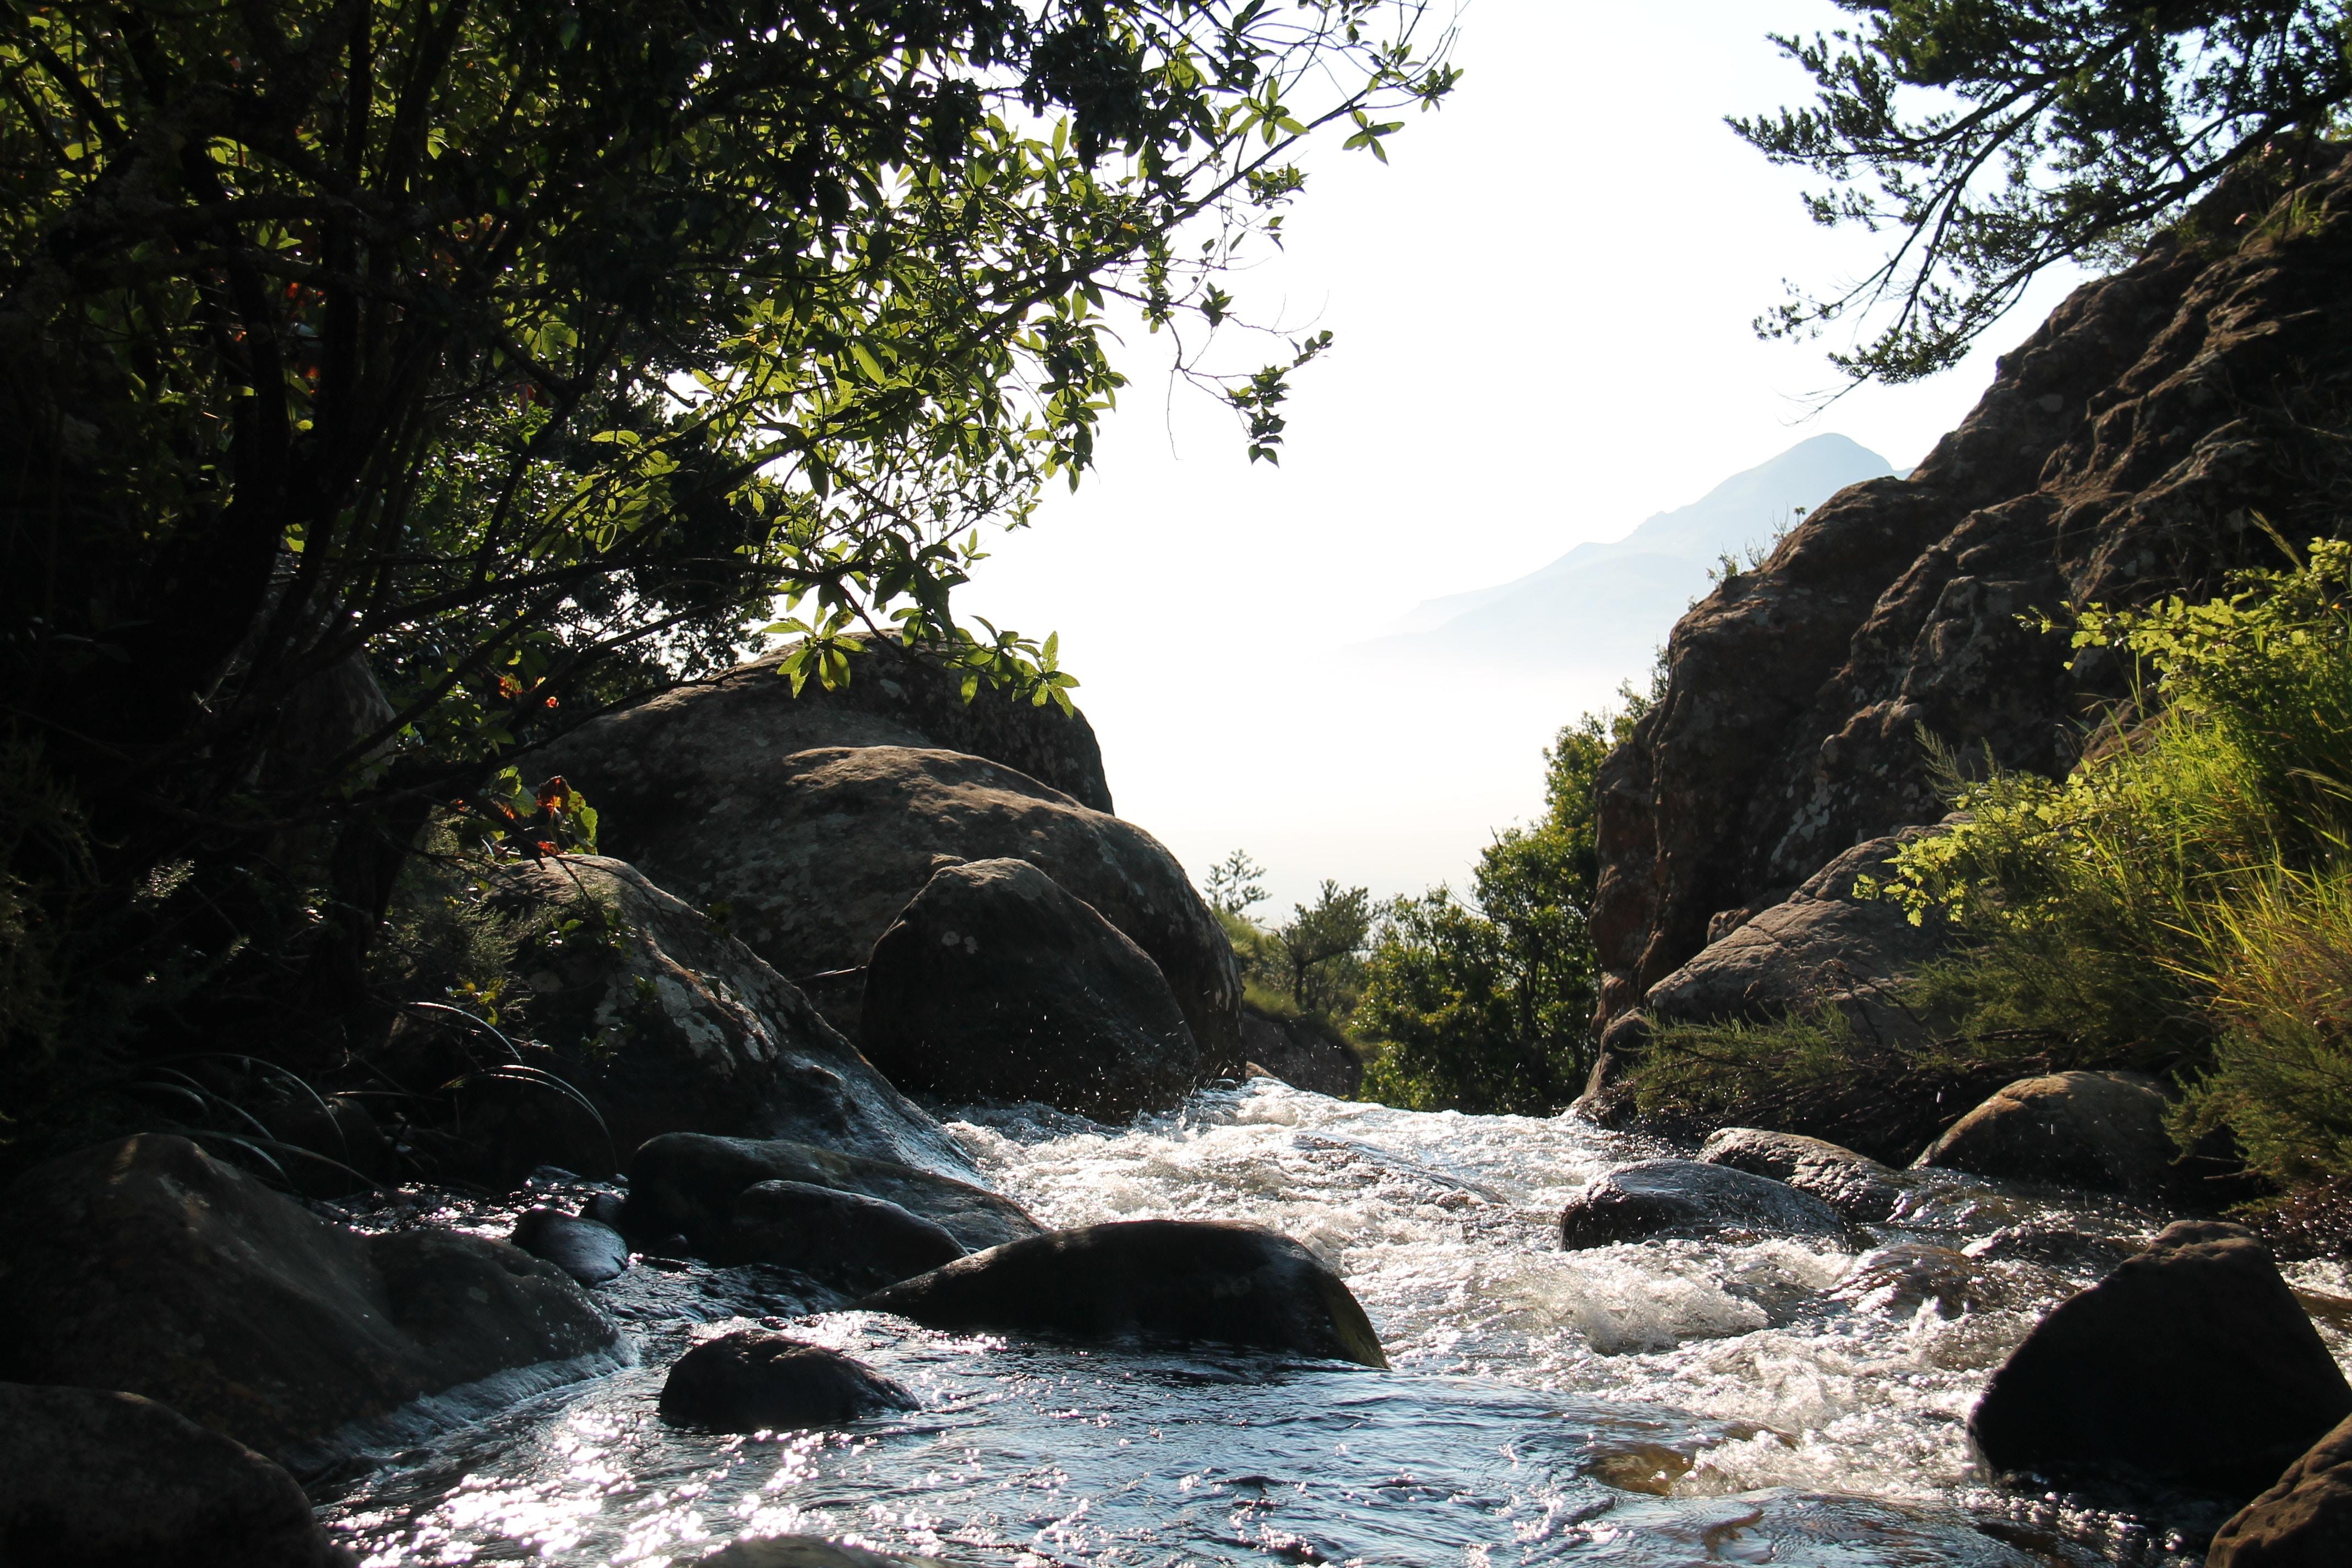 那須渓流パークで遊ぼう!釣り・ゴーカートなどのアクティビティや口コミ情報も!